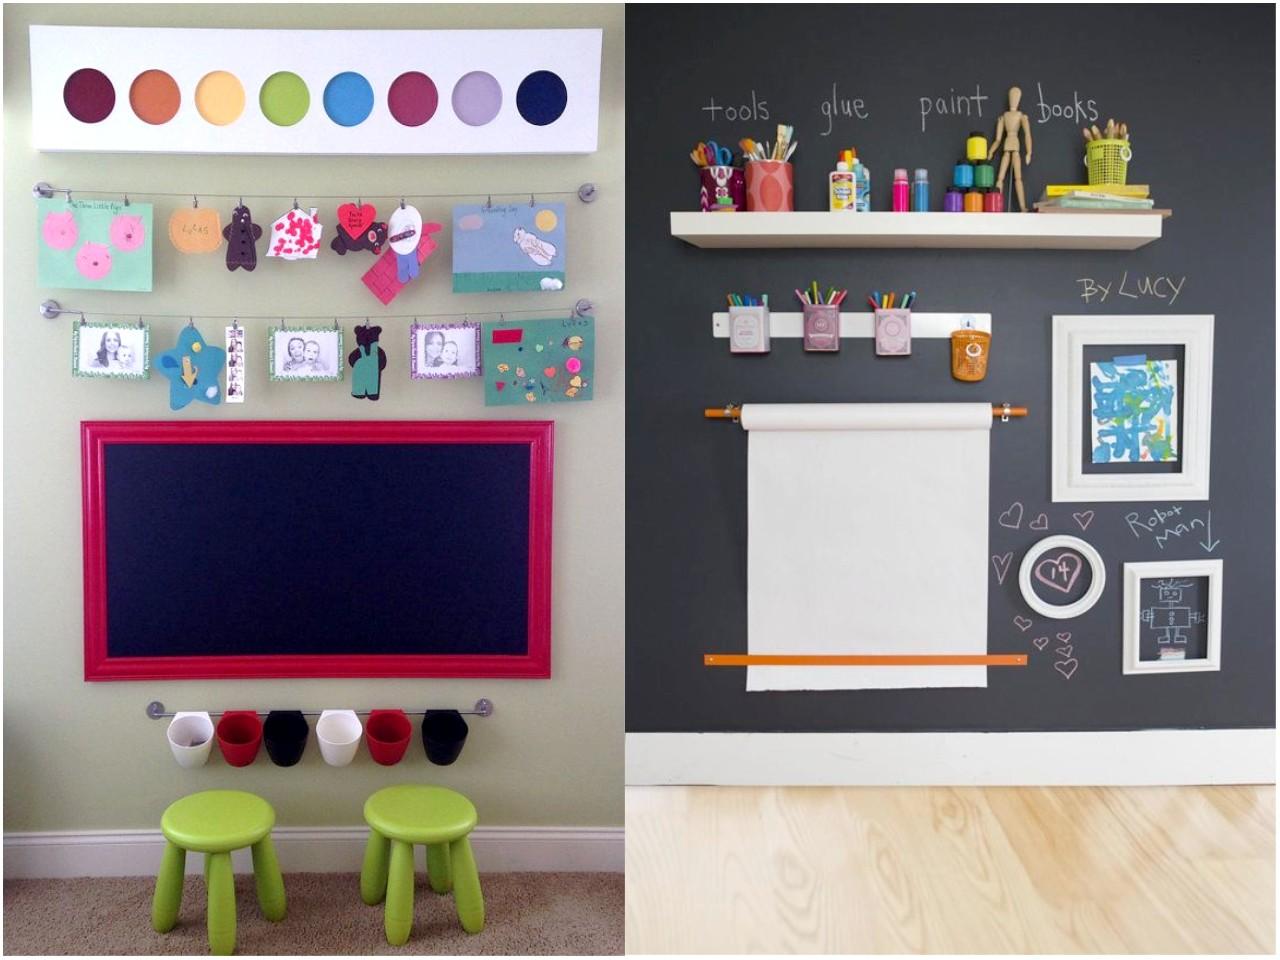 Las 6 mejores ideas de decoraci n con pizarras para casa - Pintura de pizarra para pared ...